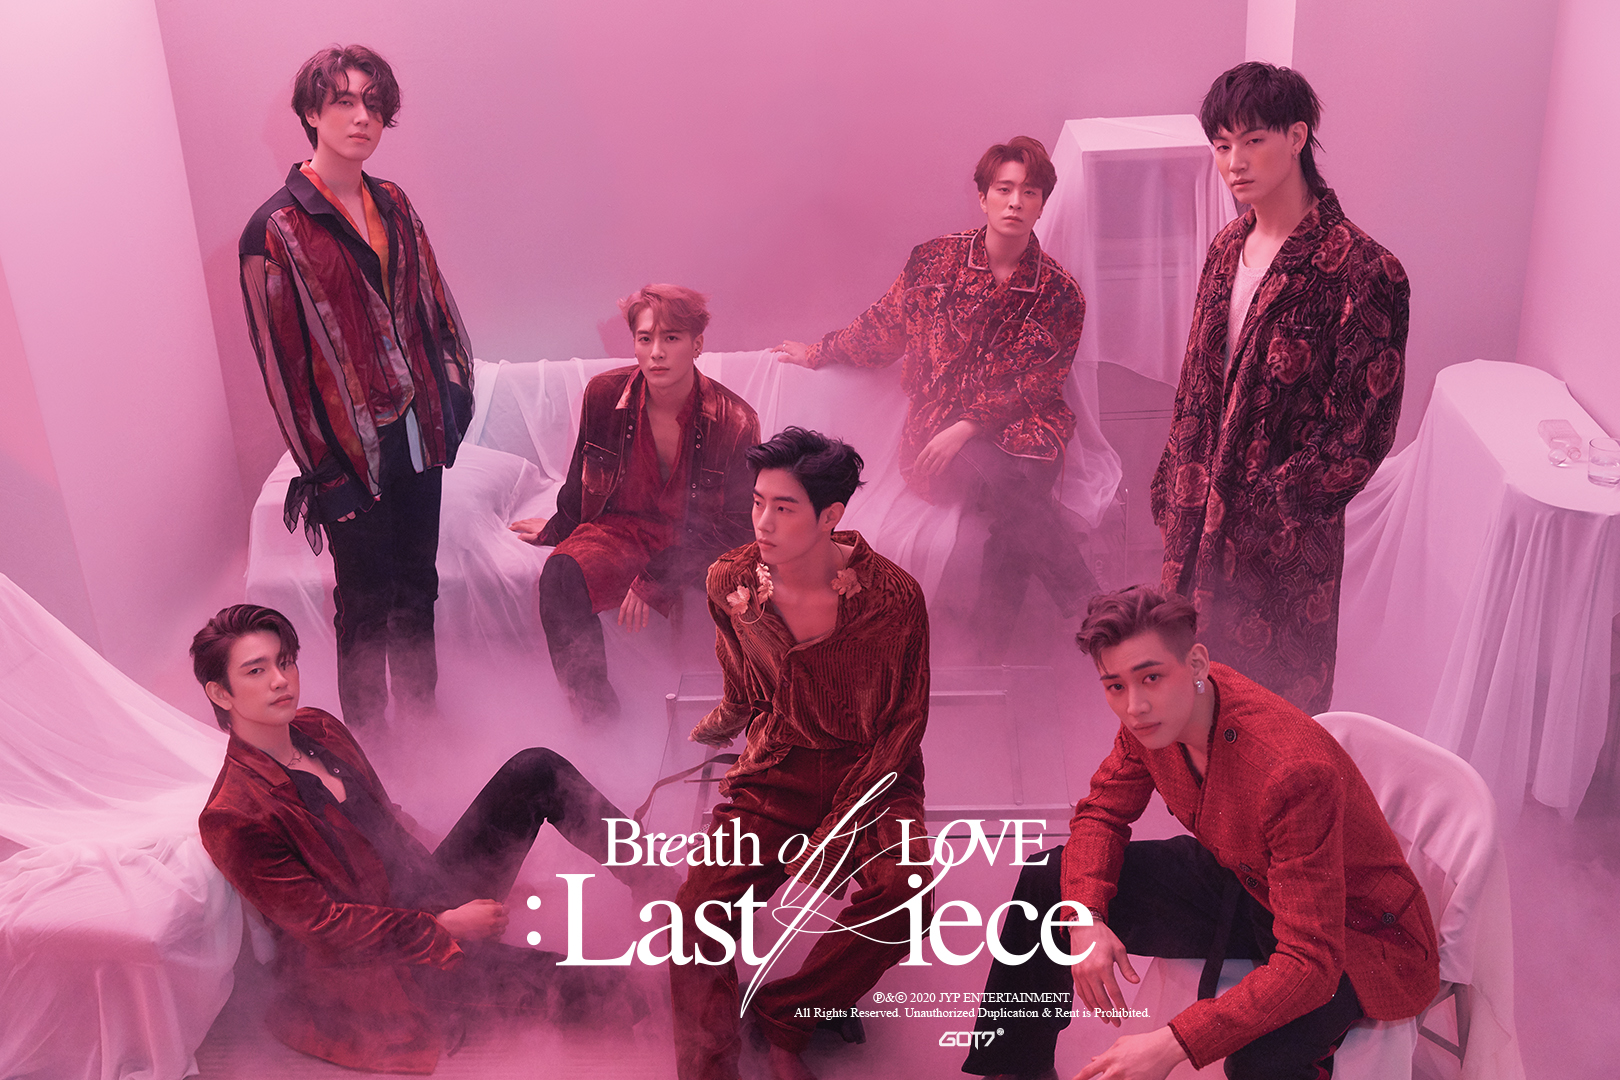 Breath of love: Last piece de GOT7 incluye pistas creadas por los miembros  | La República